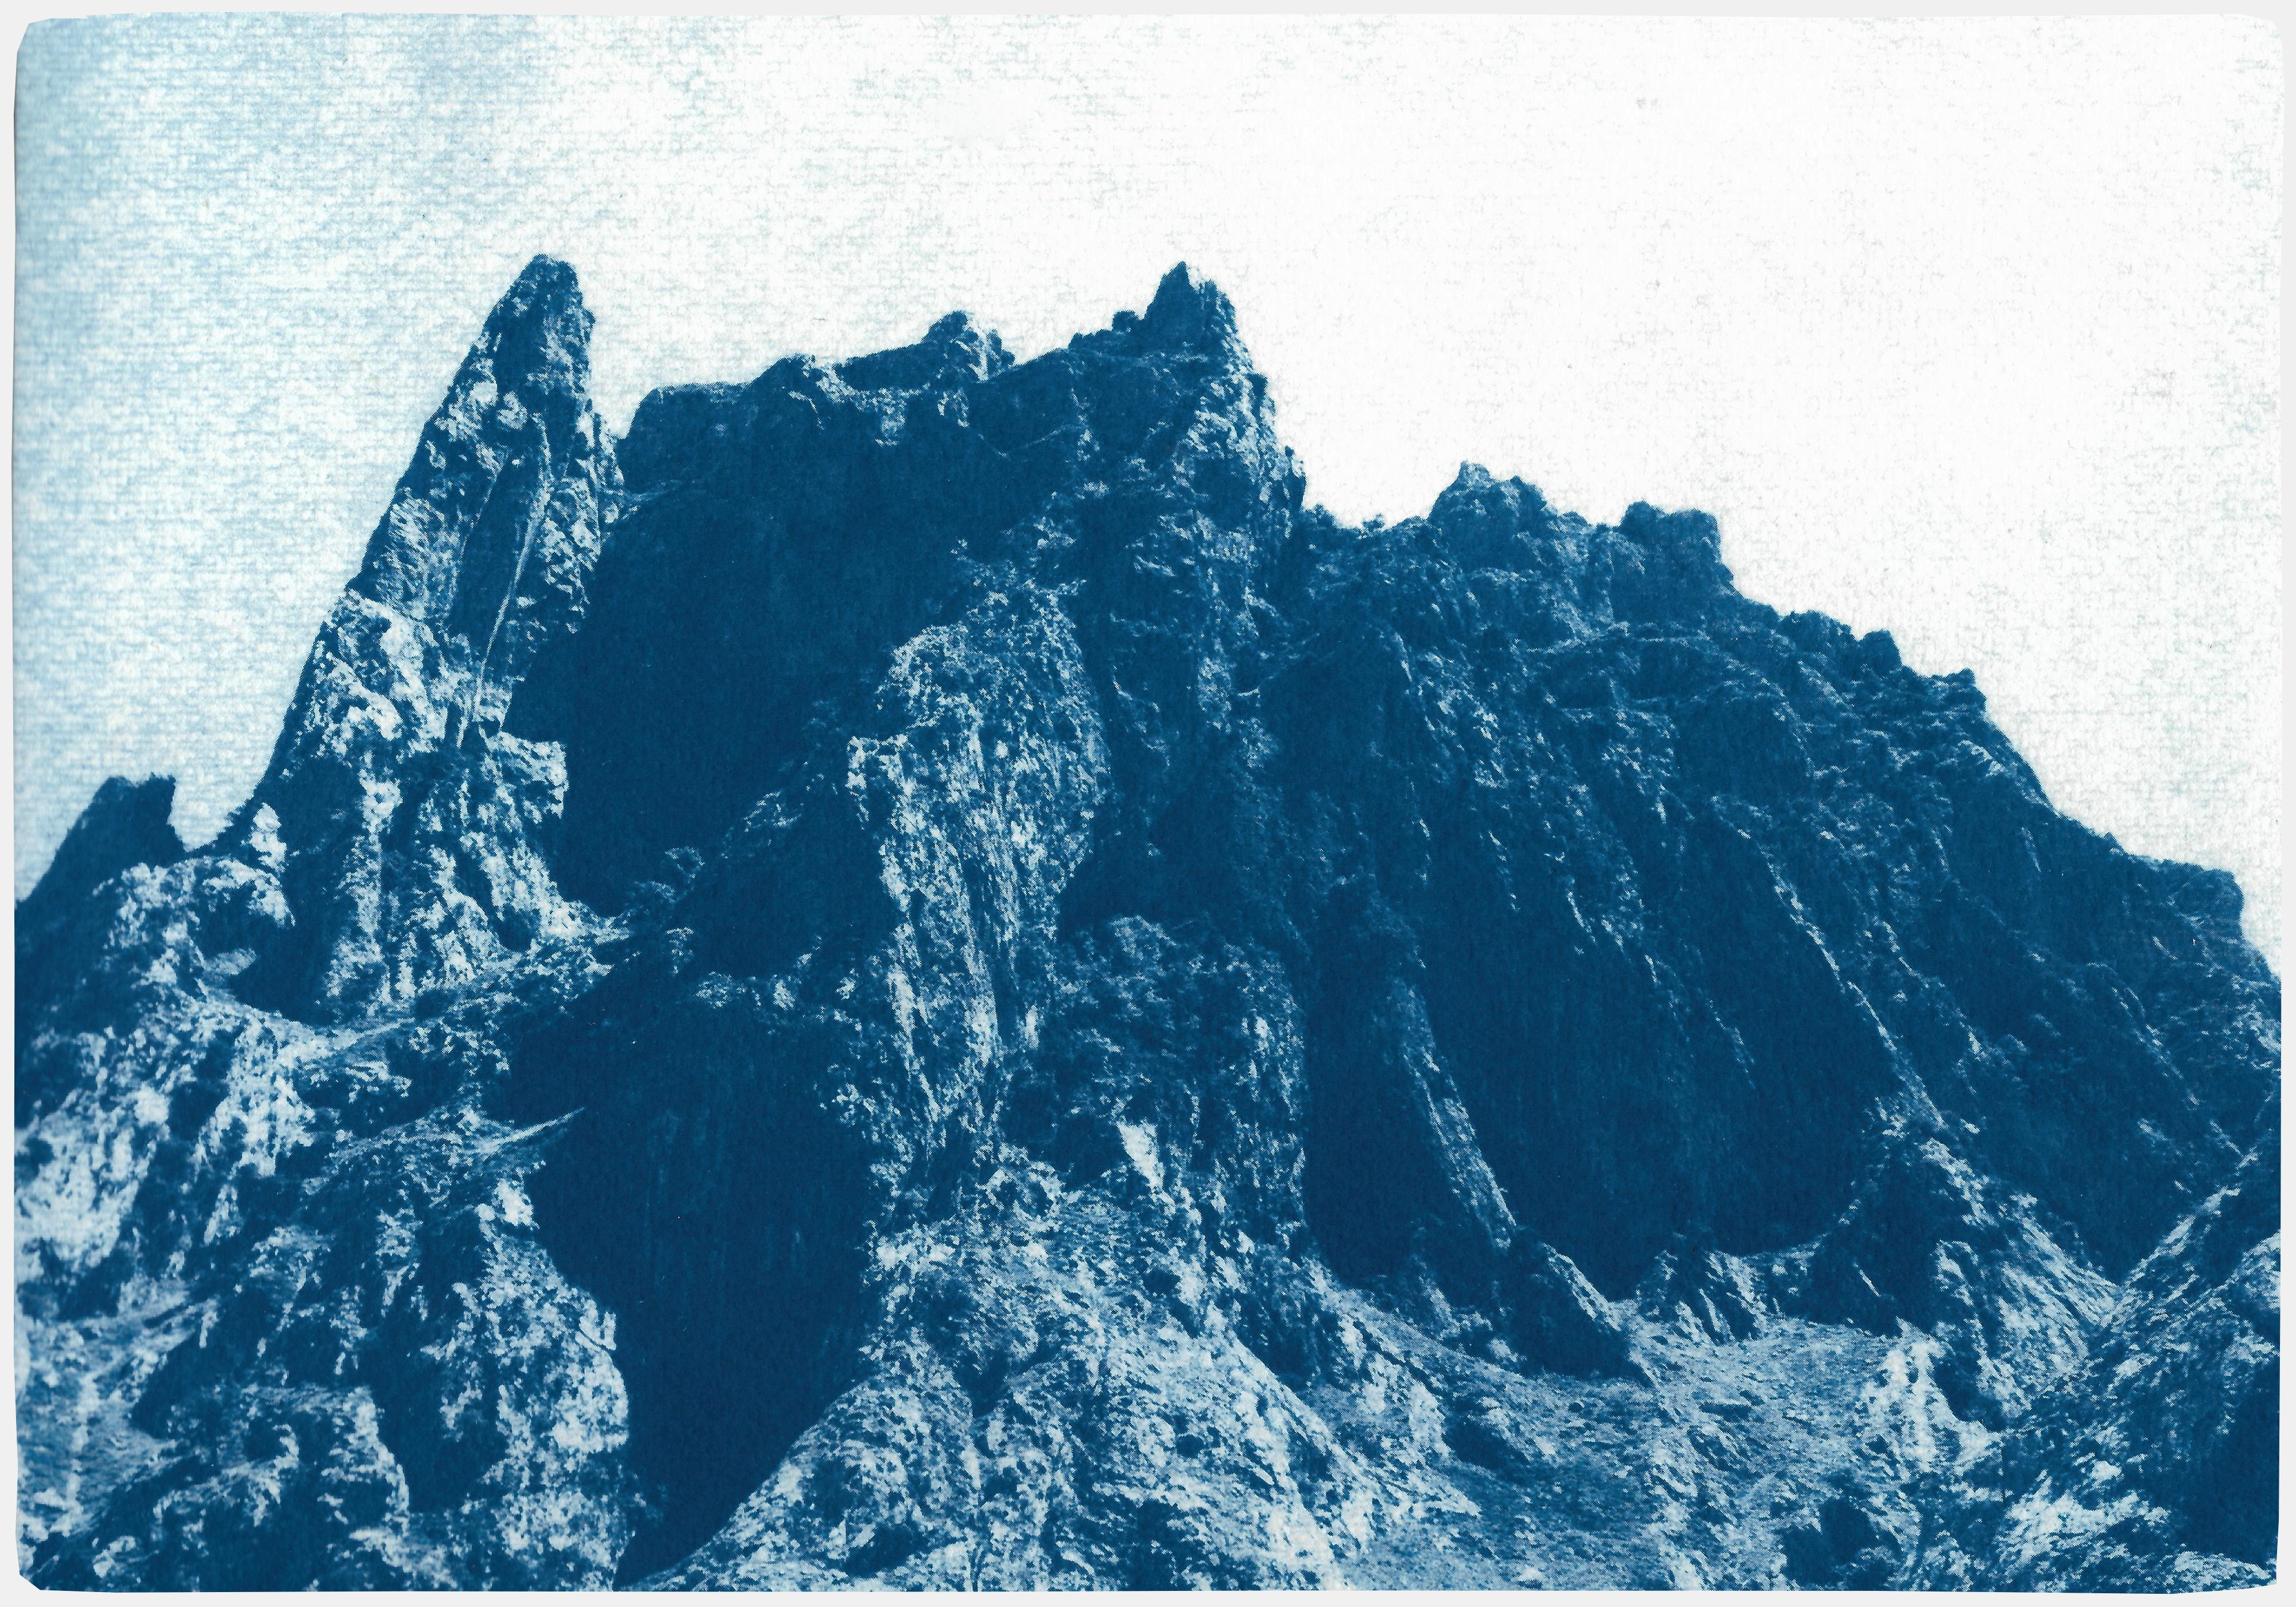 Rocky Desert Mountain in Blue, Detailed Cyanotype on Paper, Dreamlike Landscape